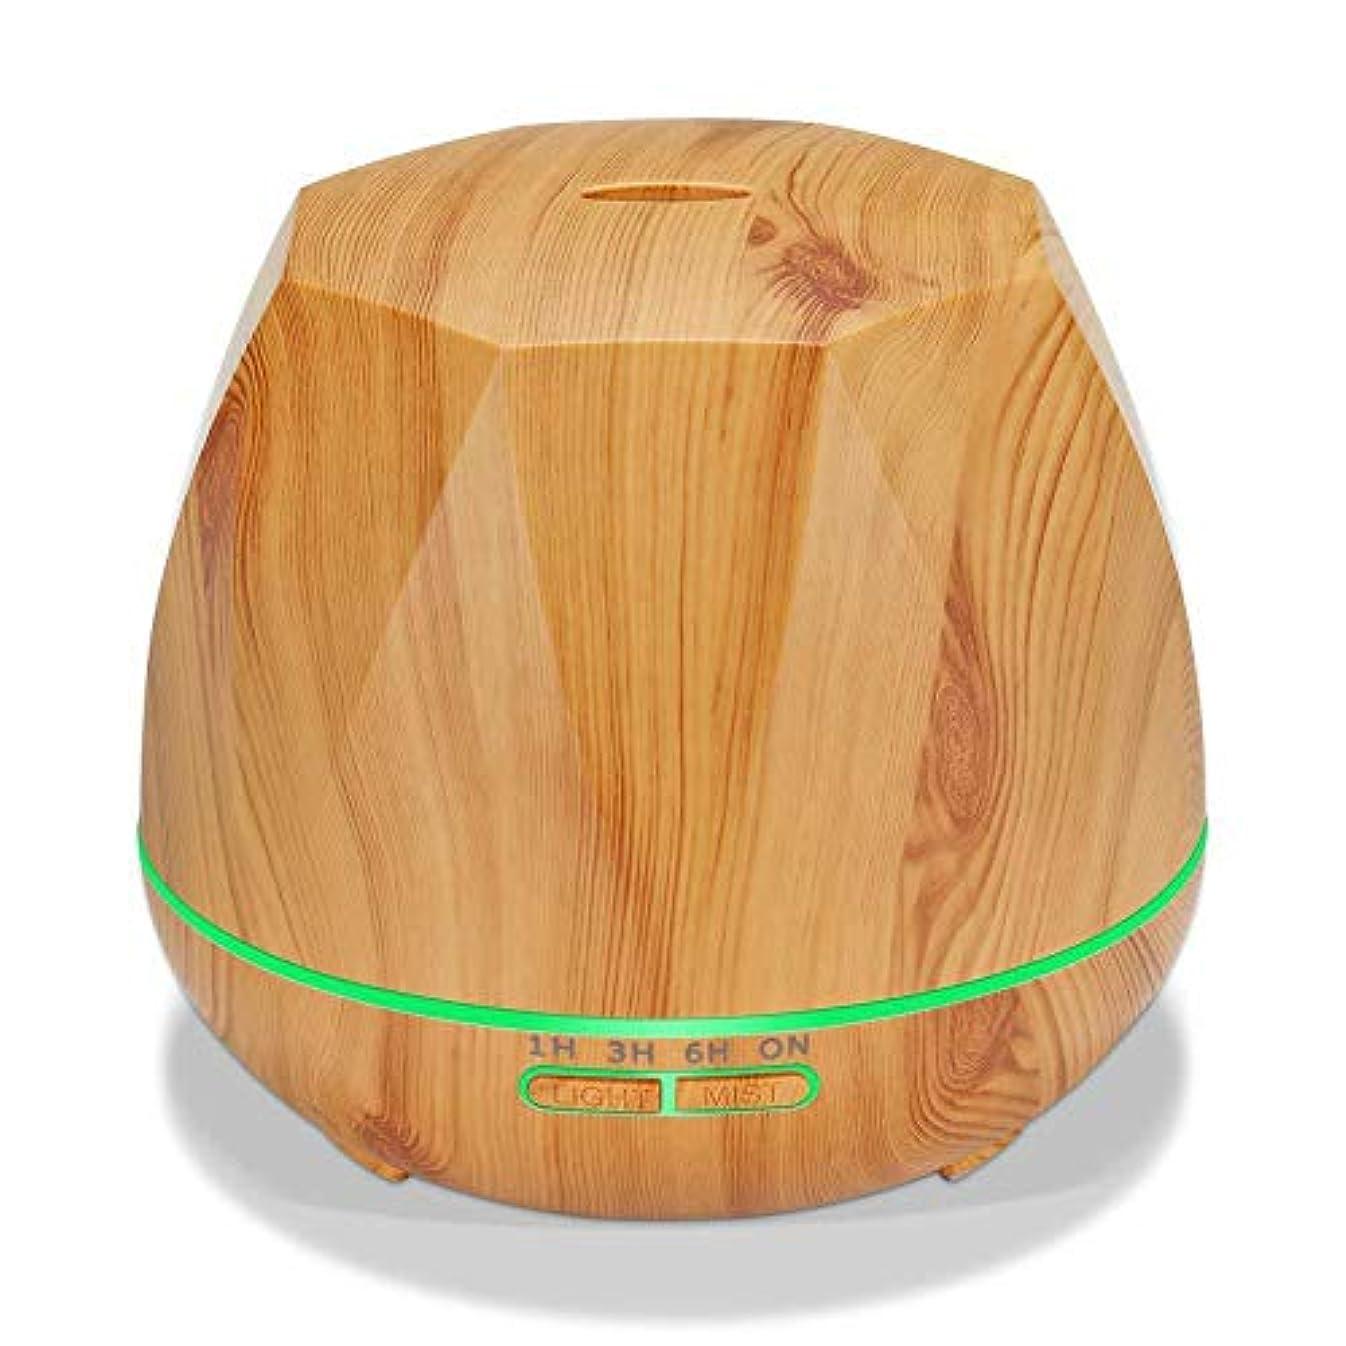 外交雇用者静かな木目 涼しい霧 加湿器,7 色 空気を浄化 加湿機 時間 デスクトップ 精油 ディフューザー アロマネブライザー Yoga ベッド 寮- 300ml